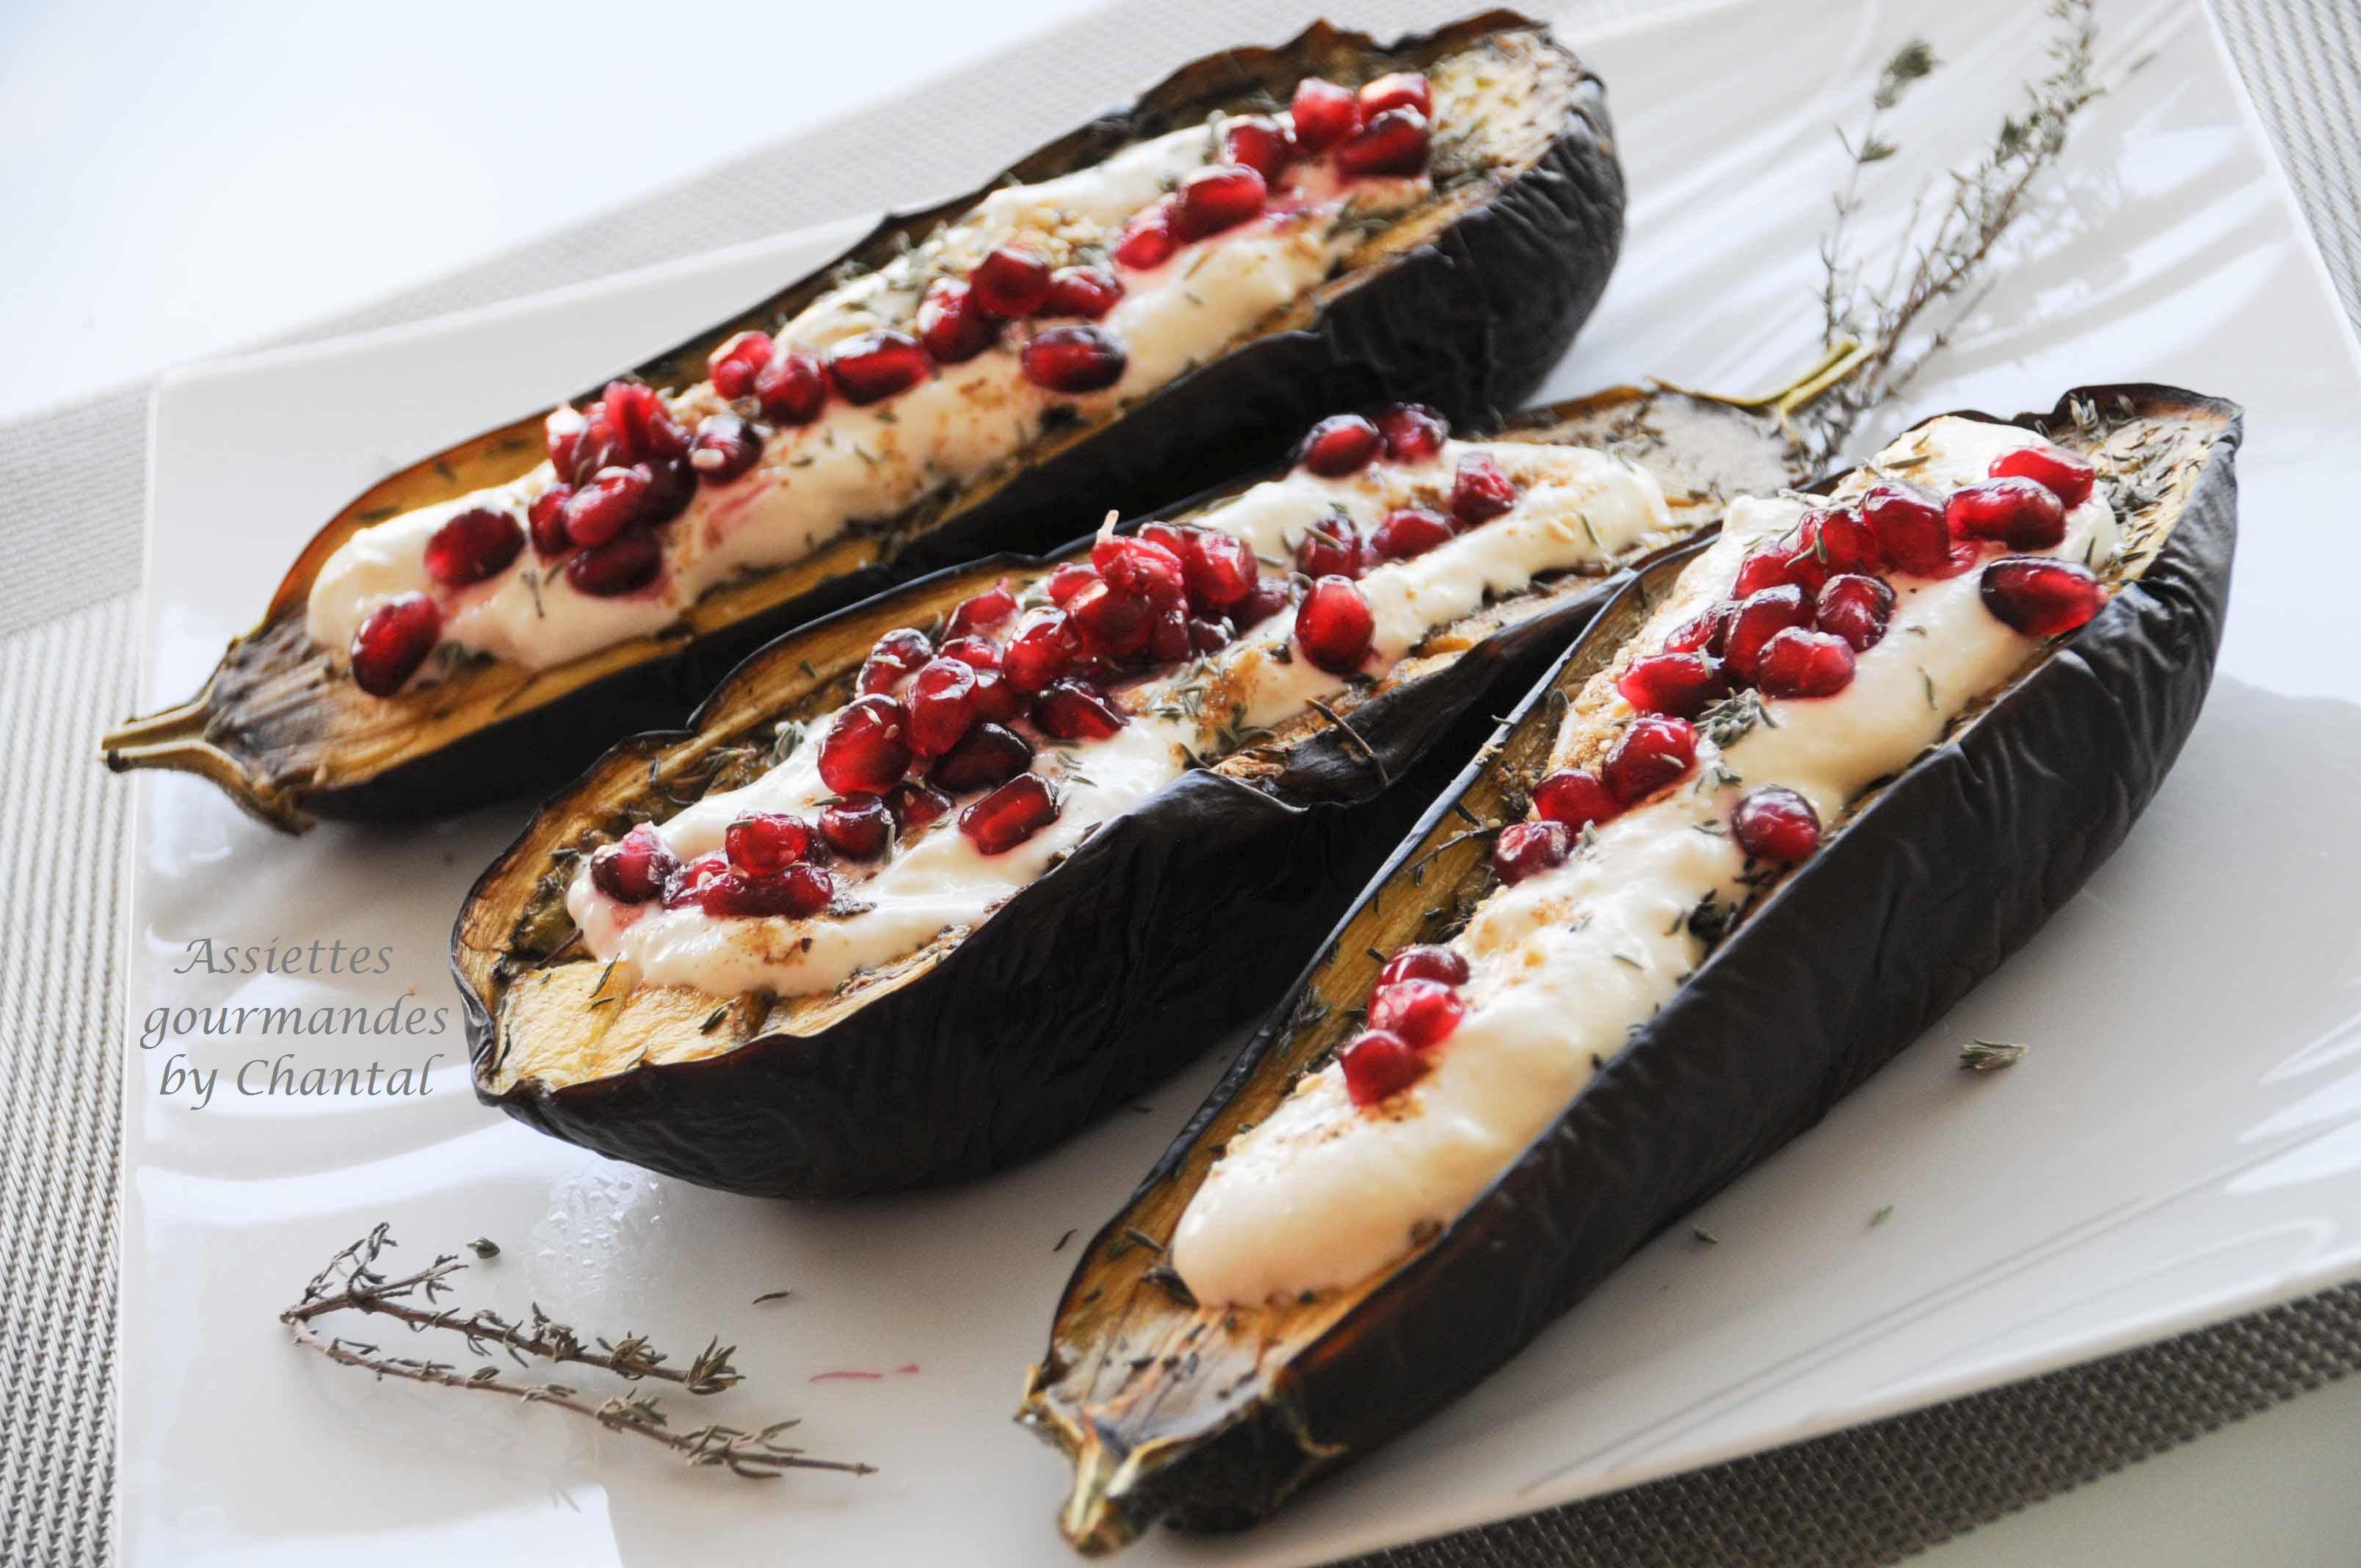 Aubergines au four recette de yotam ottolenghi - Cuisiner des aubergines au four ...